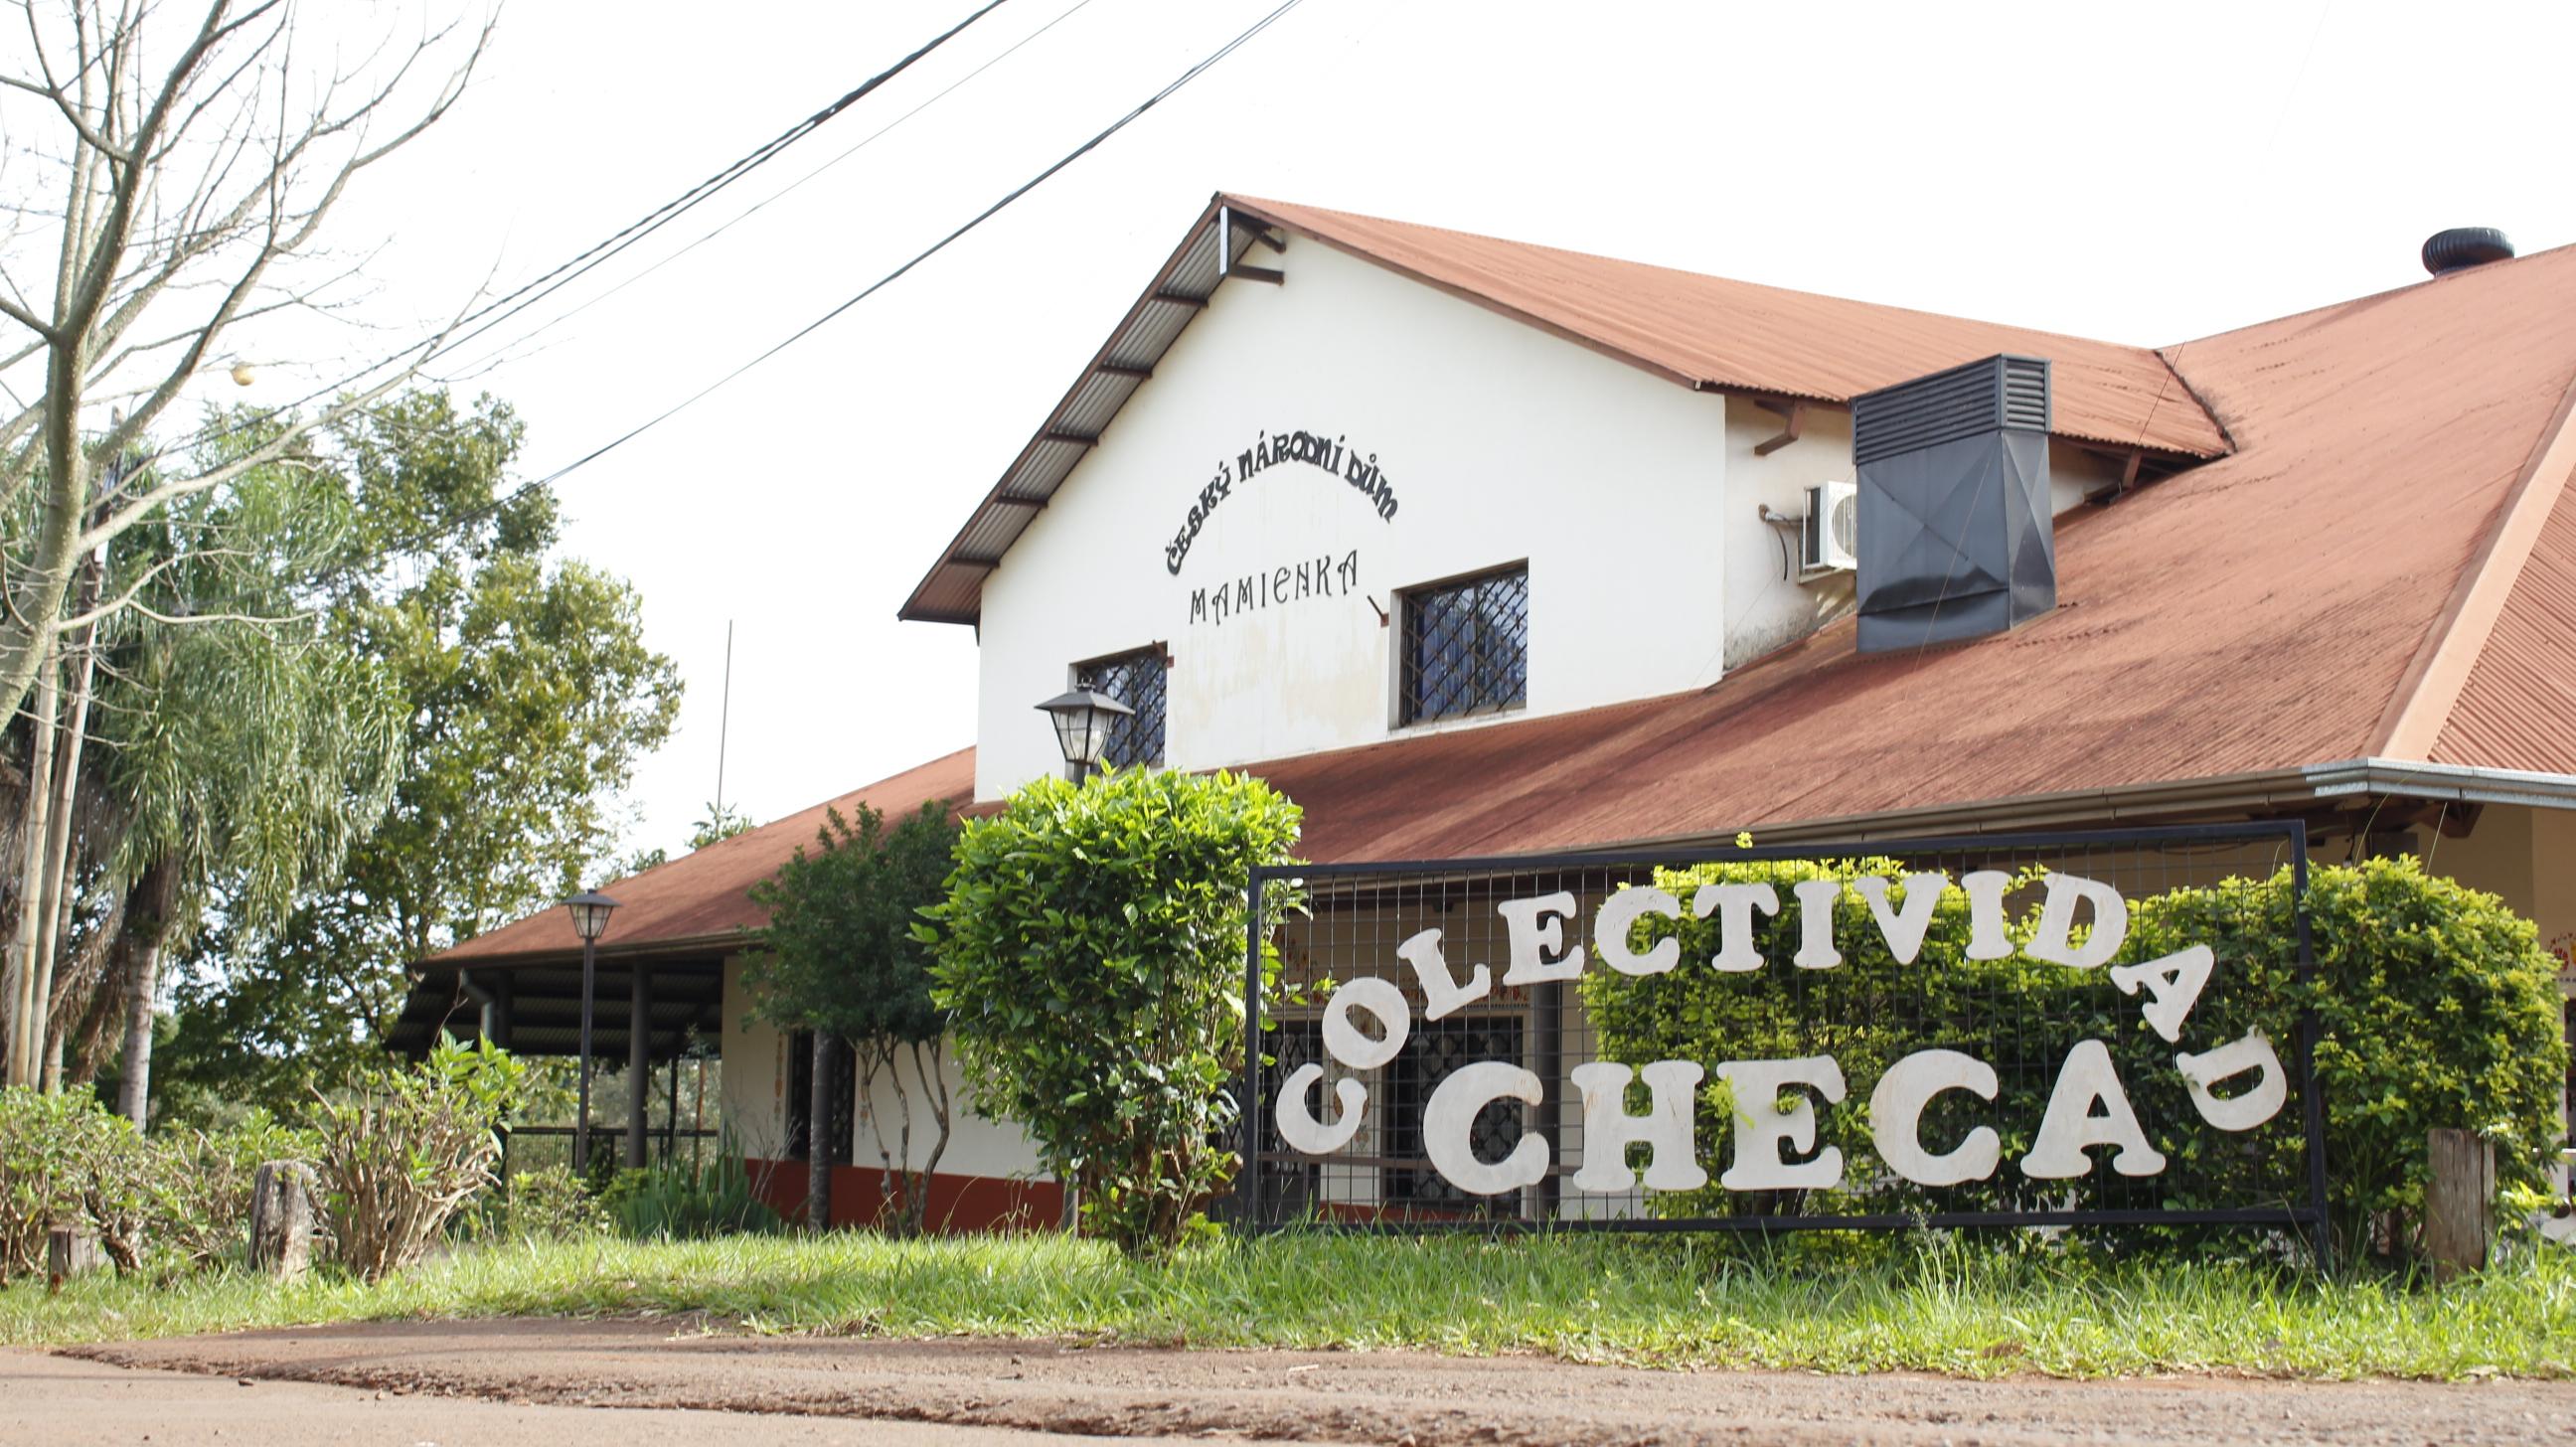 🇨🇿 COLECTIVIDAD CHECA